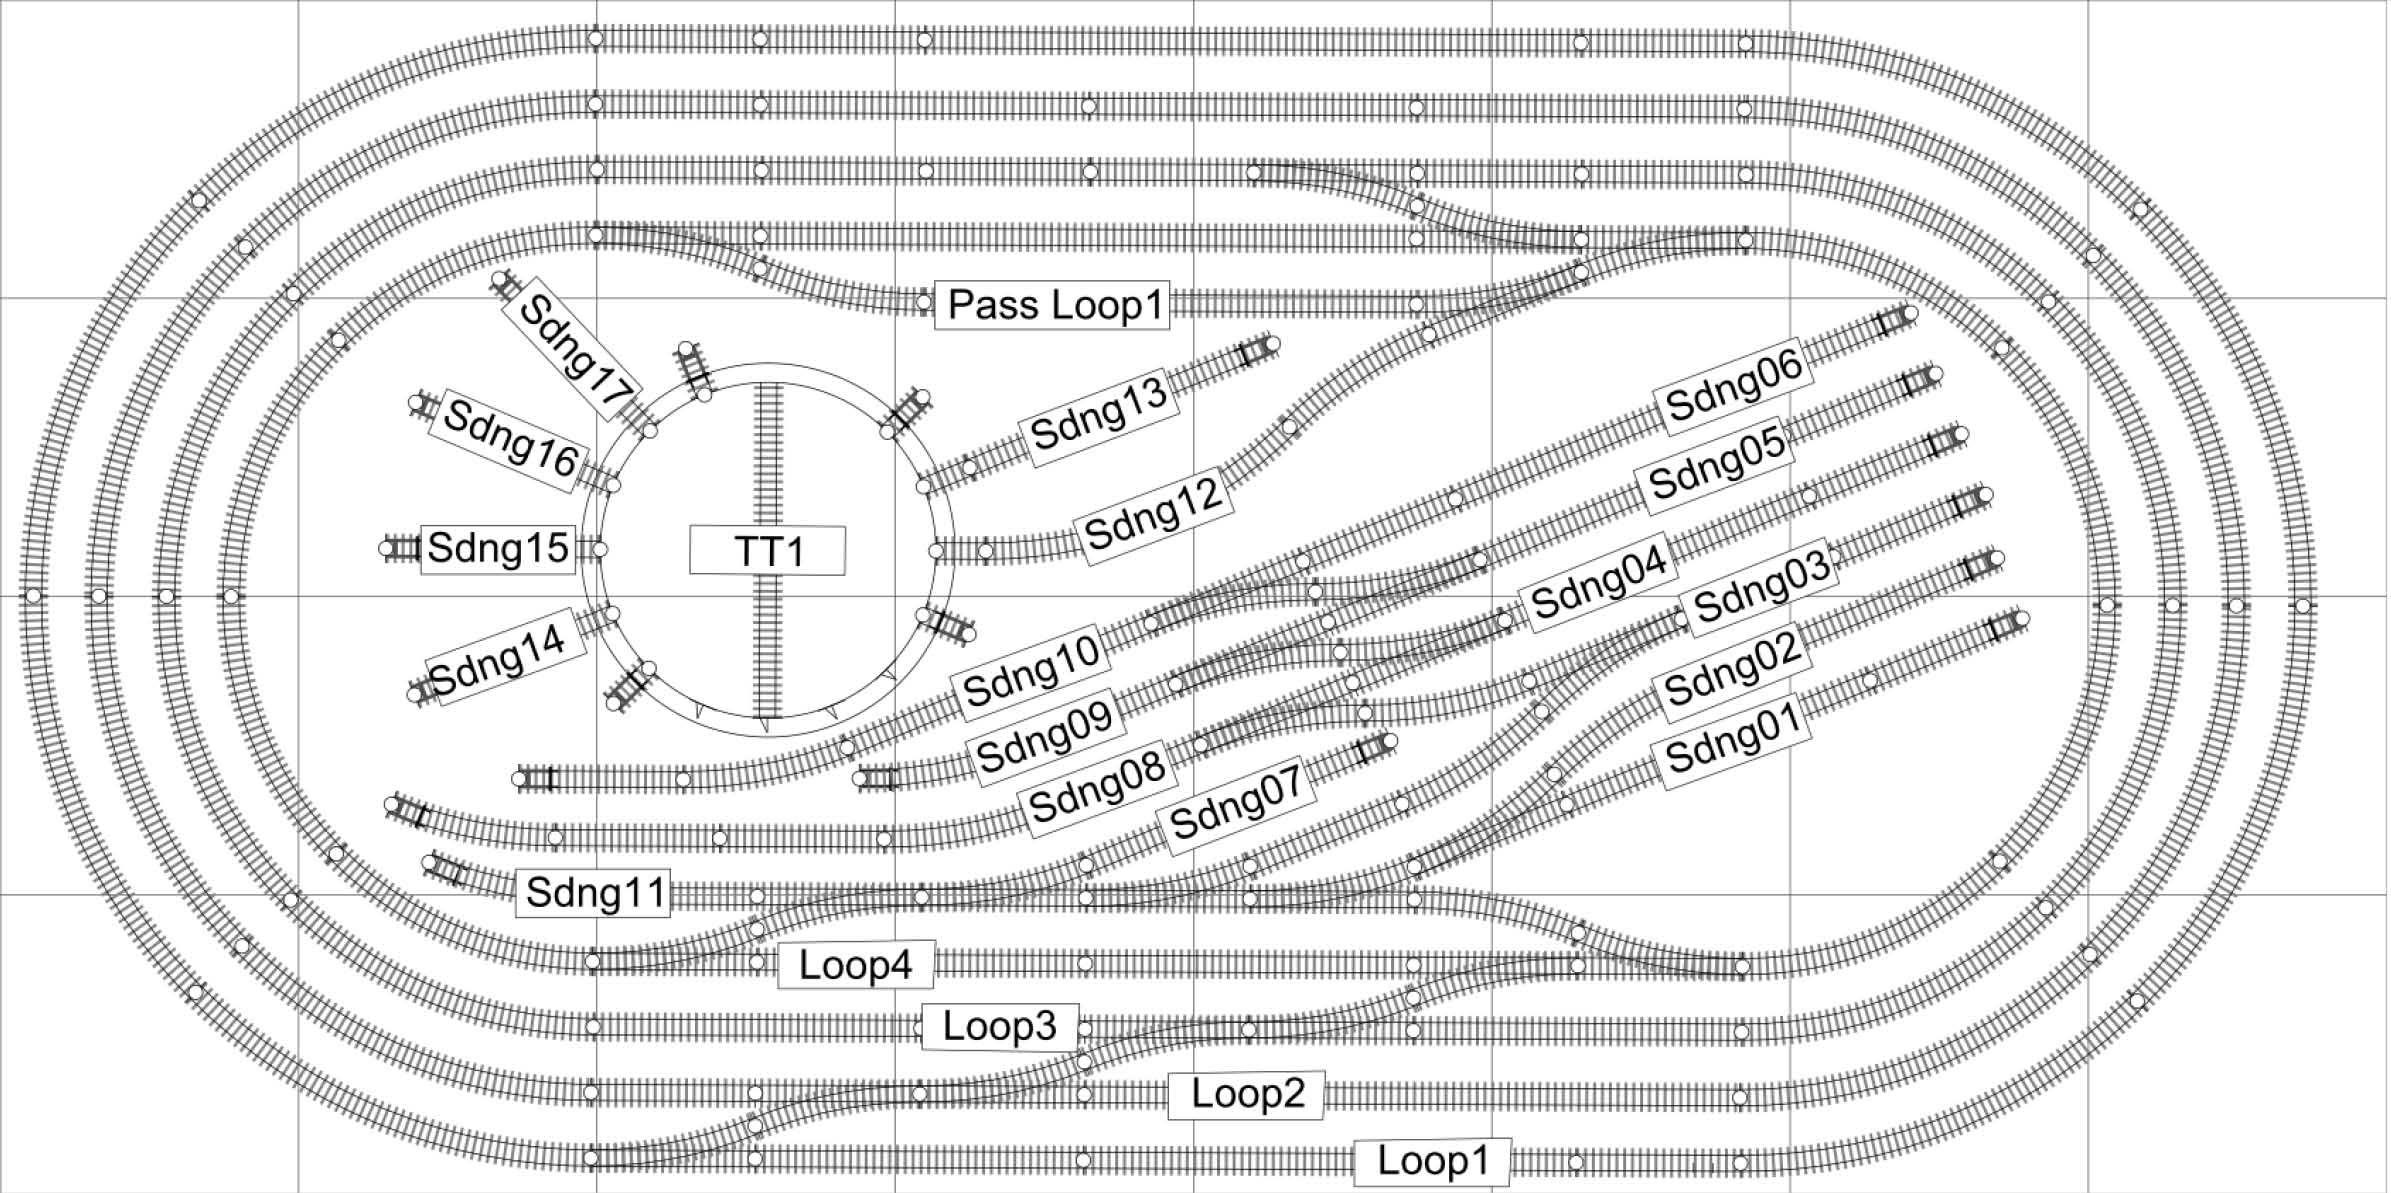 hornby forum - railmaster layout plans